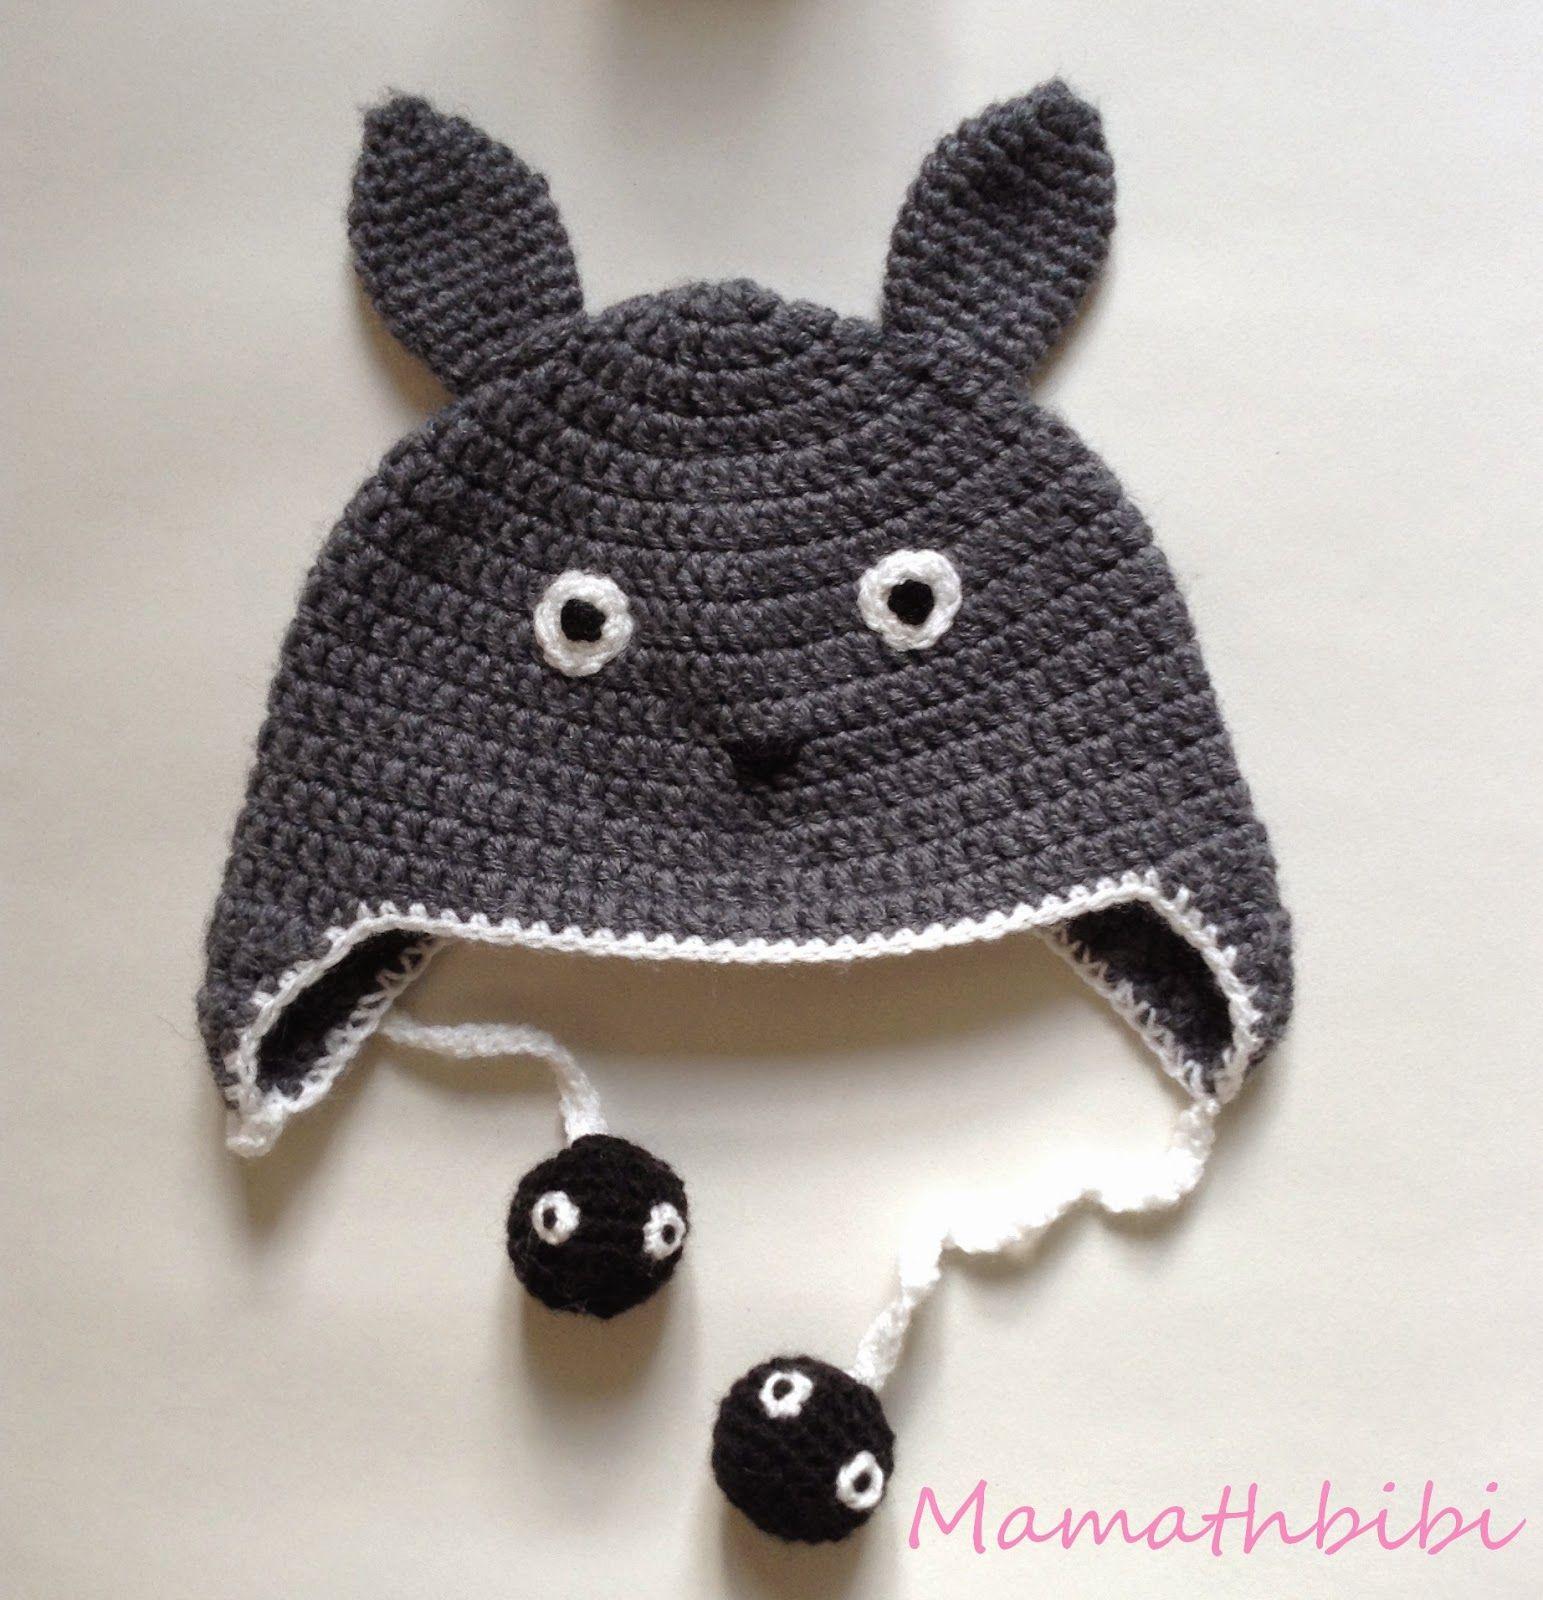 418b56e5b13e Le petit blog de Mamathbibi Bonnet Enfant Crochet, Bonnet Bébé Crochet,  Écharpes Au Crochet